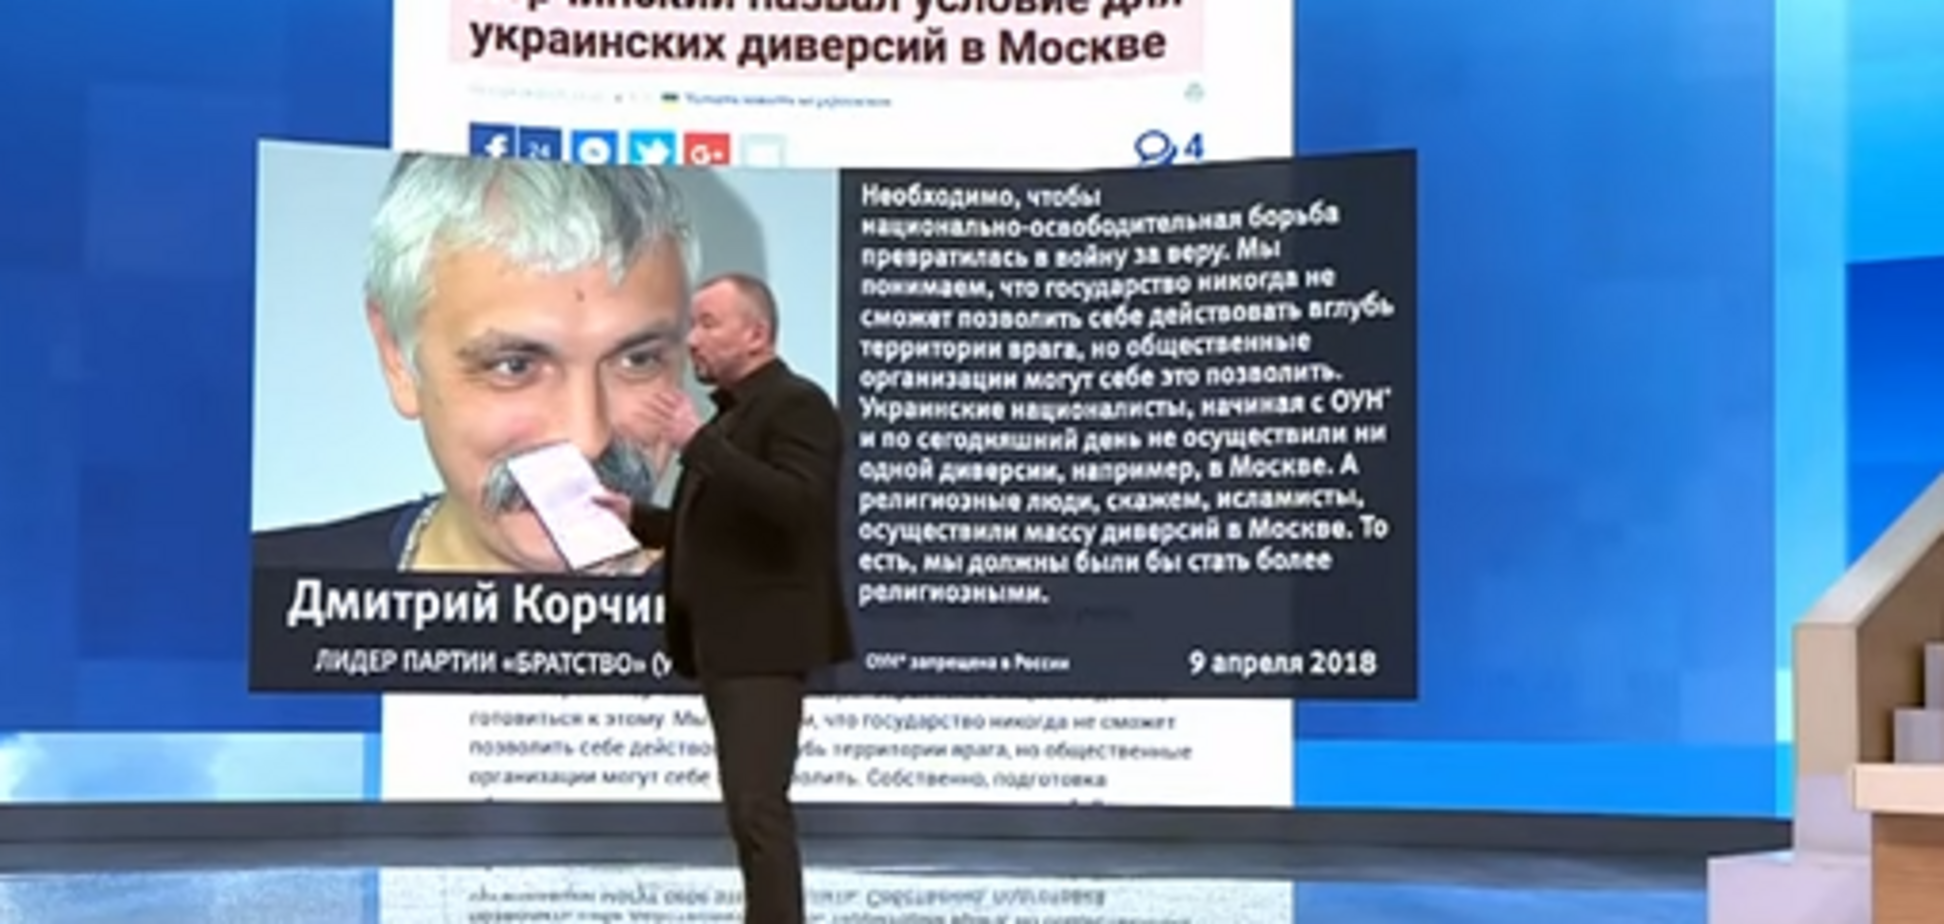 'Боимся терактов': на российском ТВ забили тревогу из-за 'диверсий' Украины